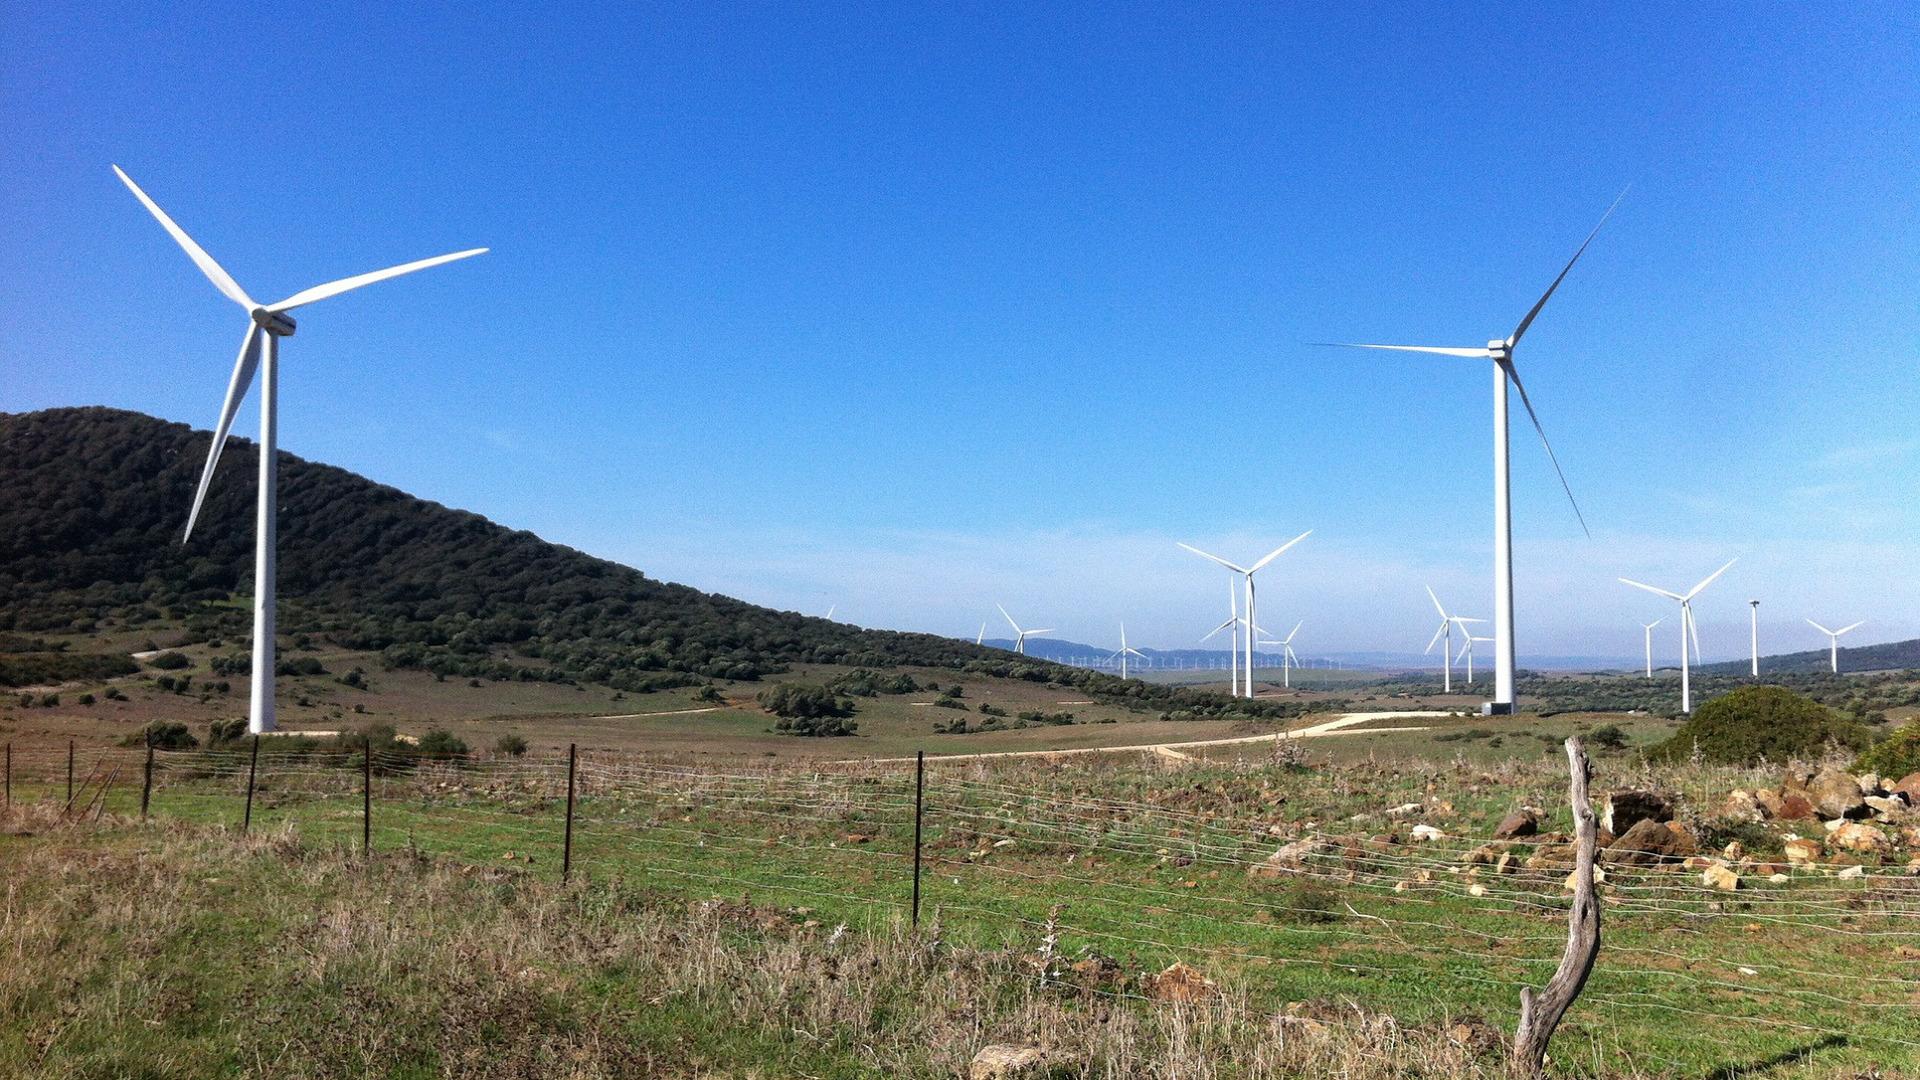 energias-renovables-en-espana-situacion-y-perspectivas-para-2020-1920